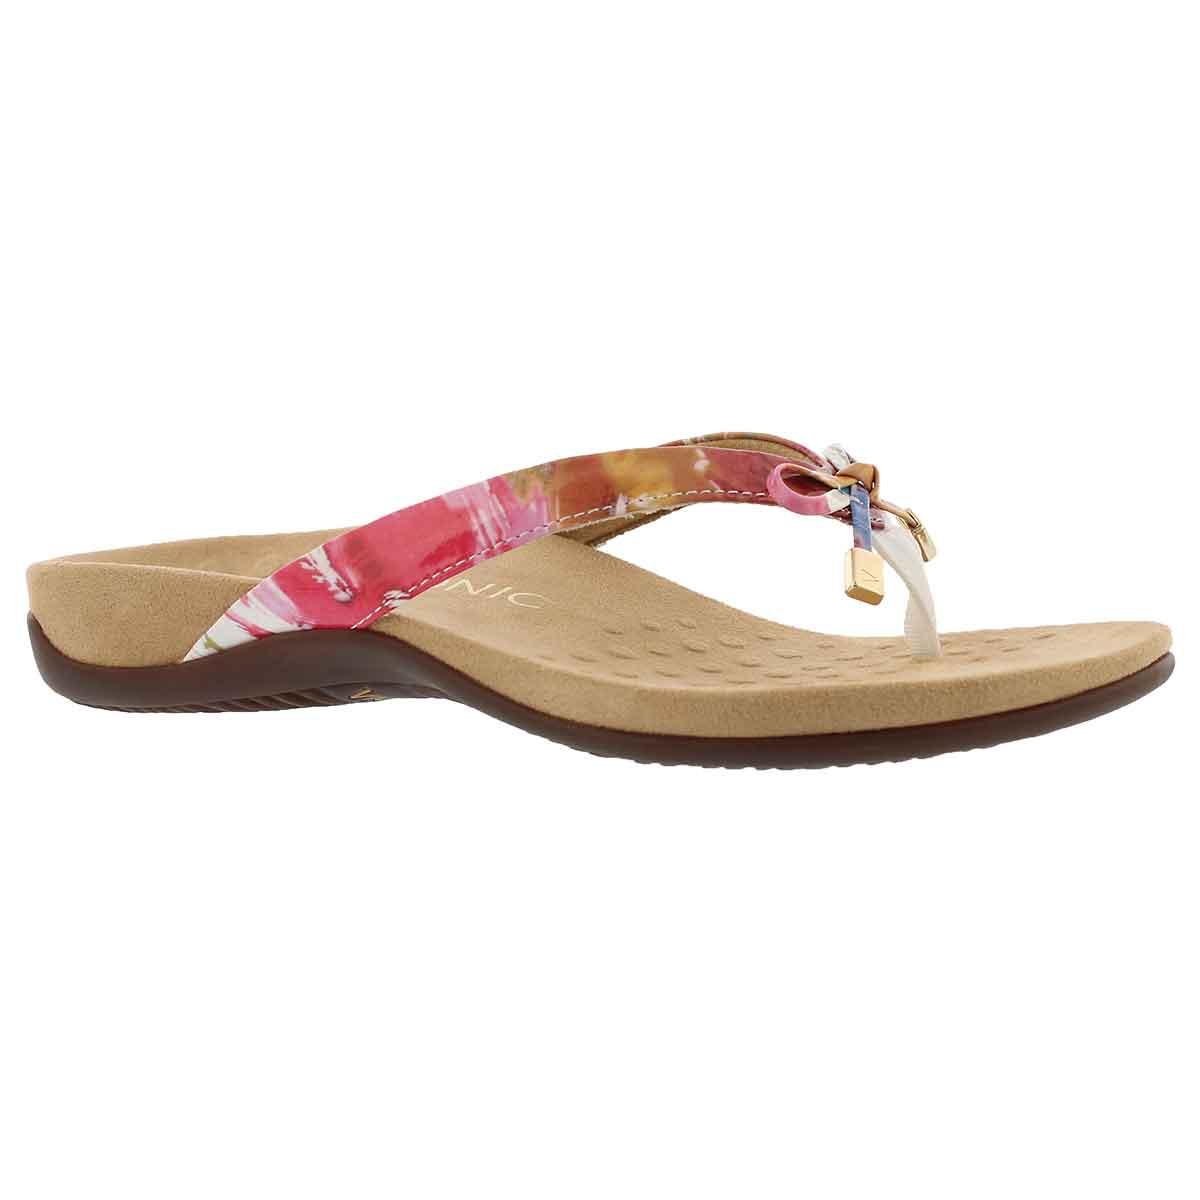 Women's BELLA II floral arch supprt thong sandals